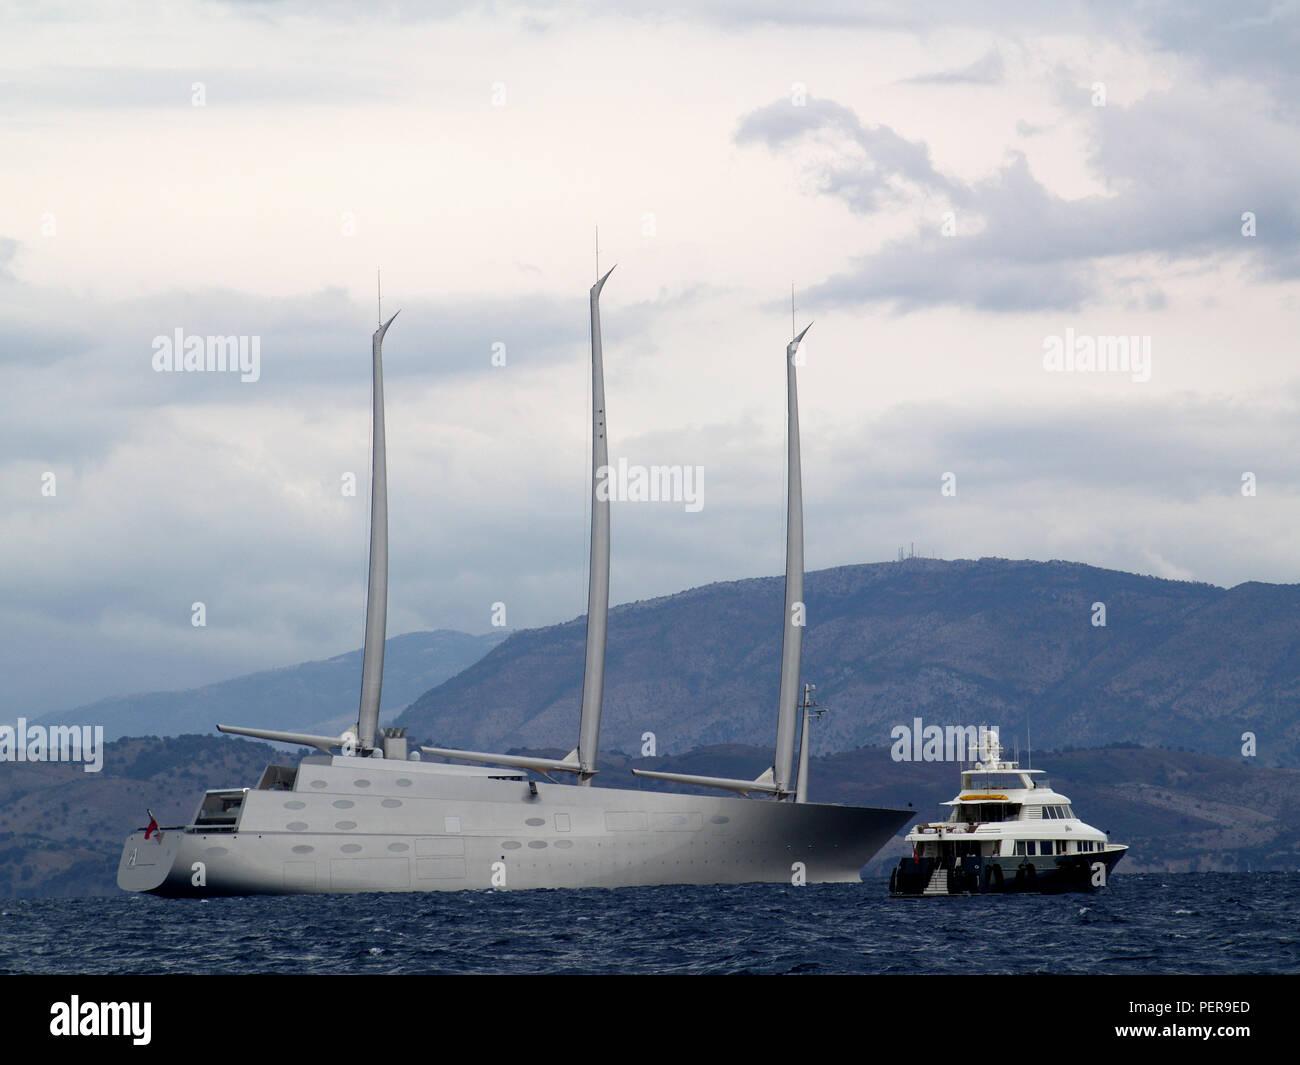 andrey melnichenko yacht photos andrey melnichenko yacht. Black Bedroom Furniture Sets. Home Design Ideas